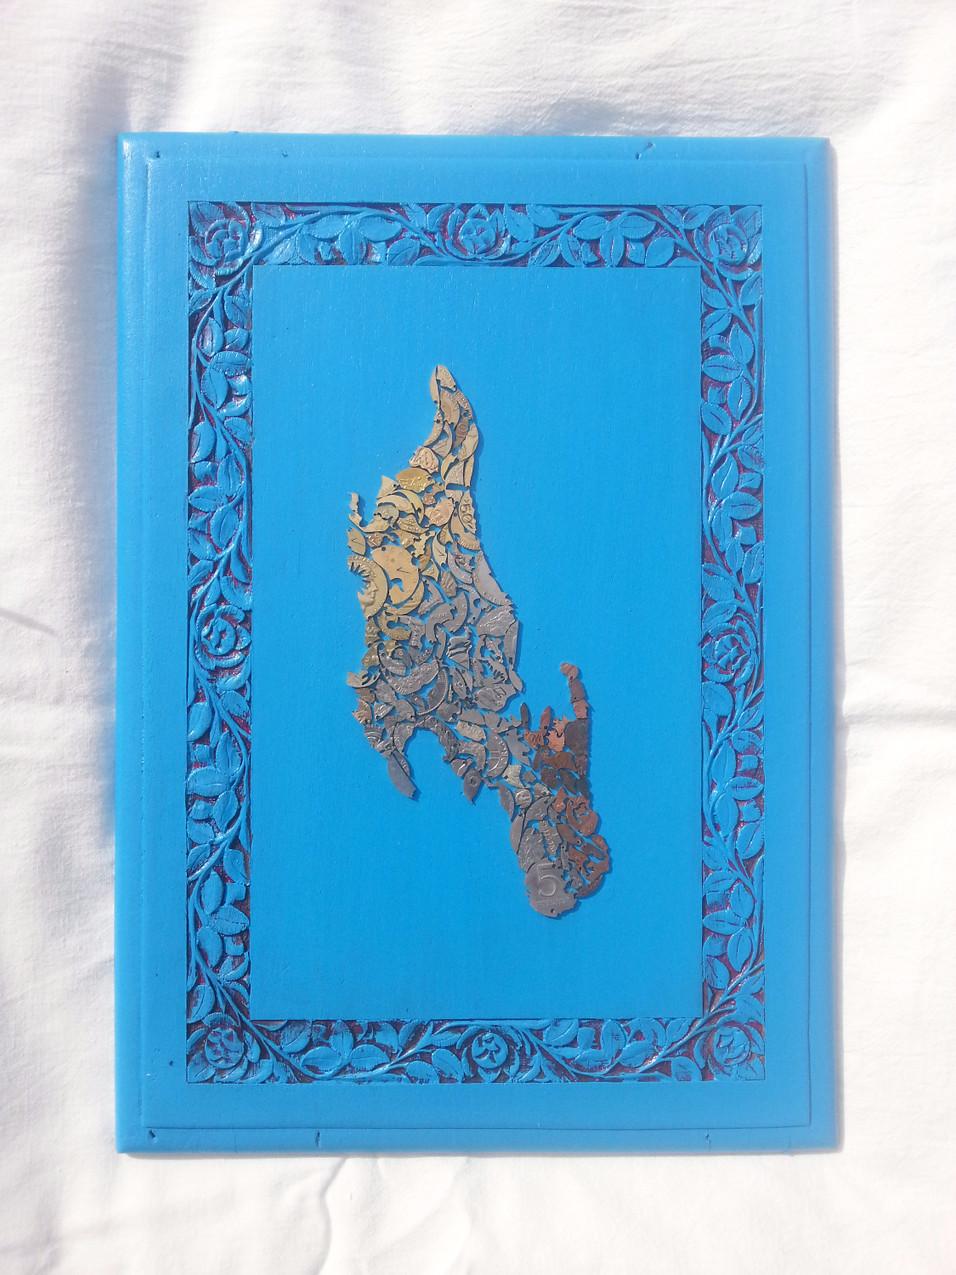 Zanzibar blue ocean